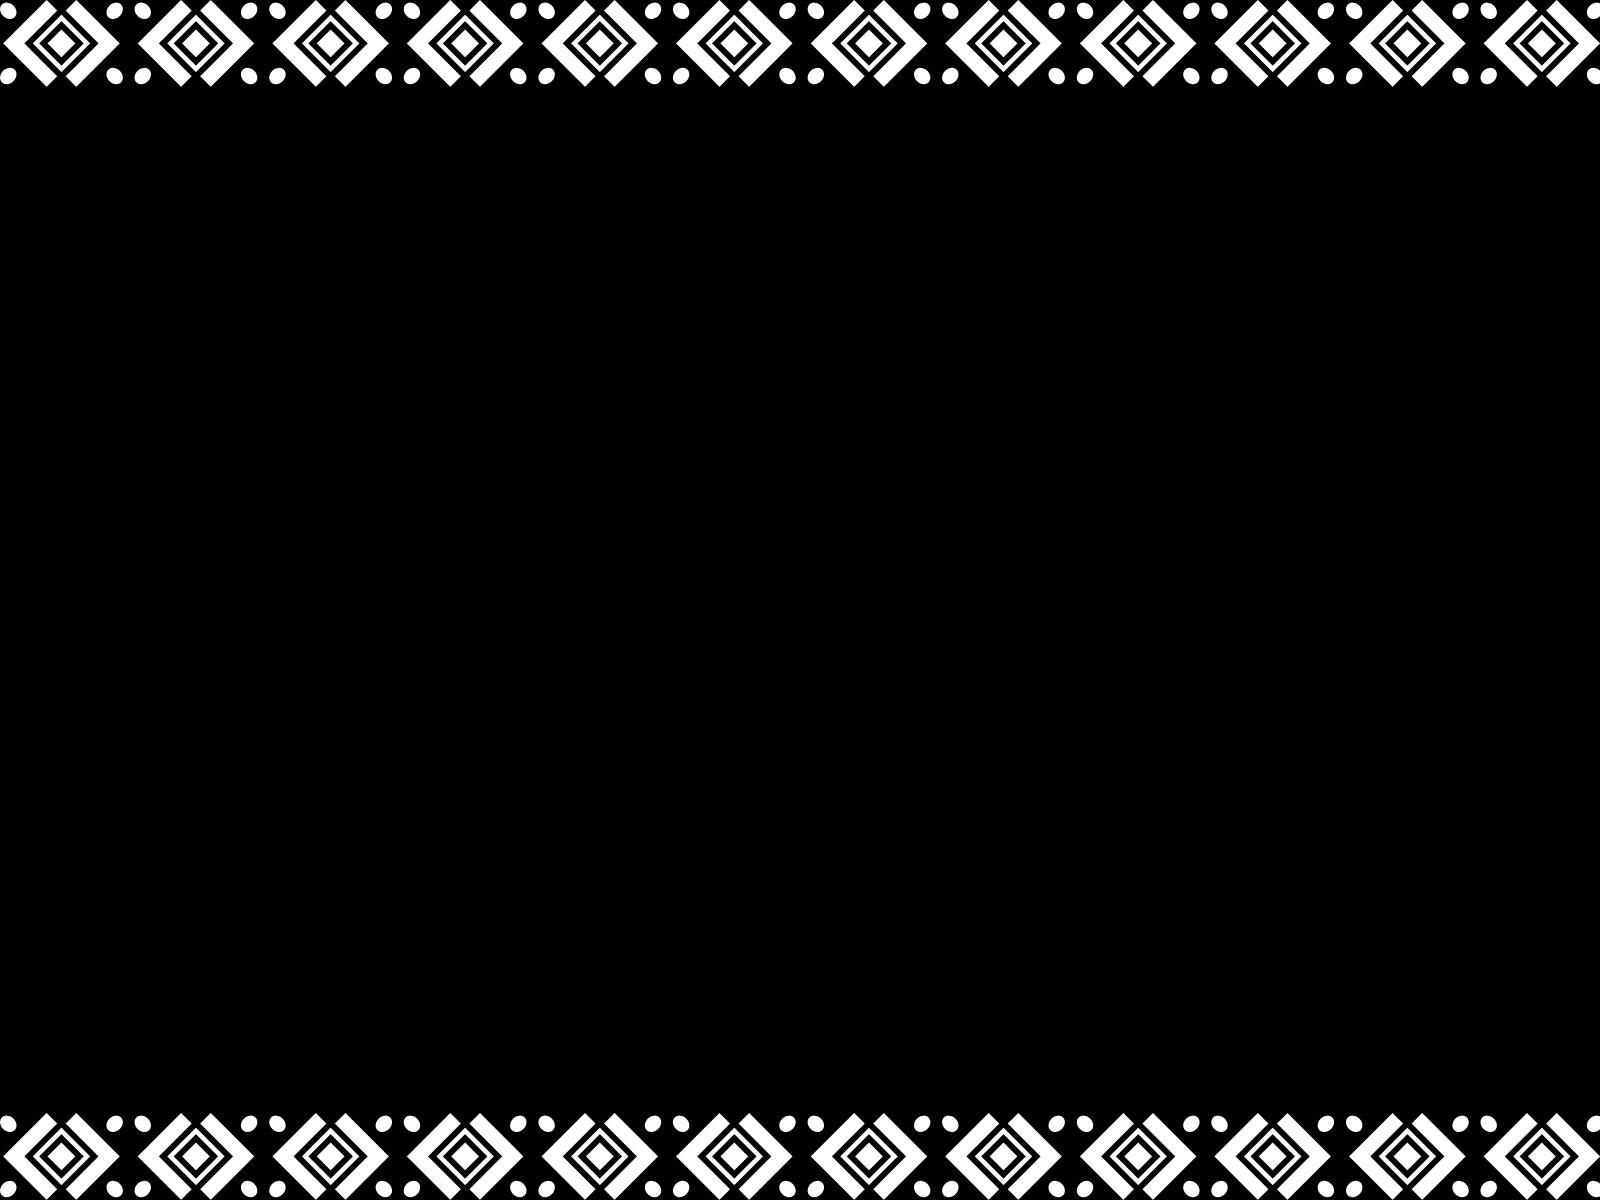 Black PPT Backgrounds